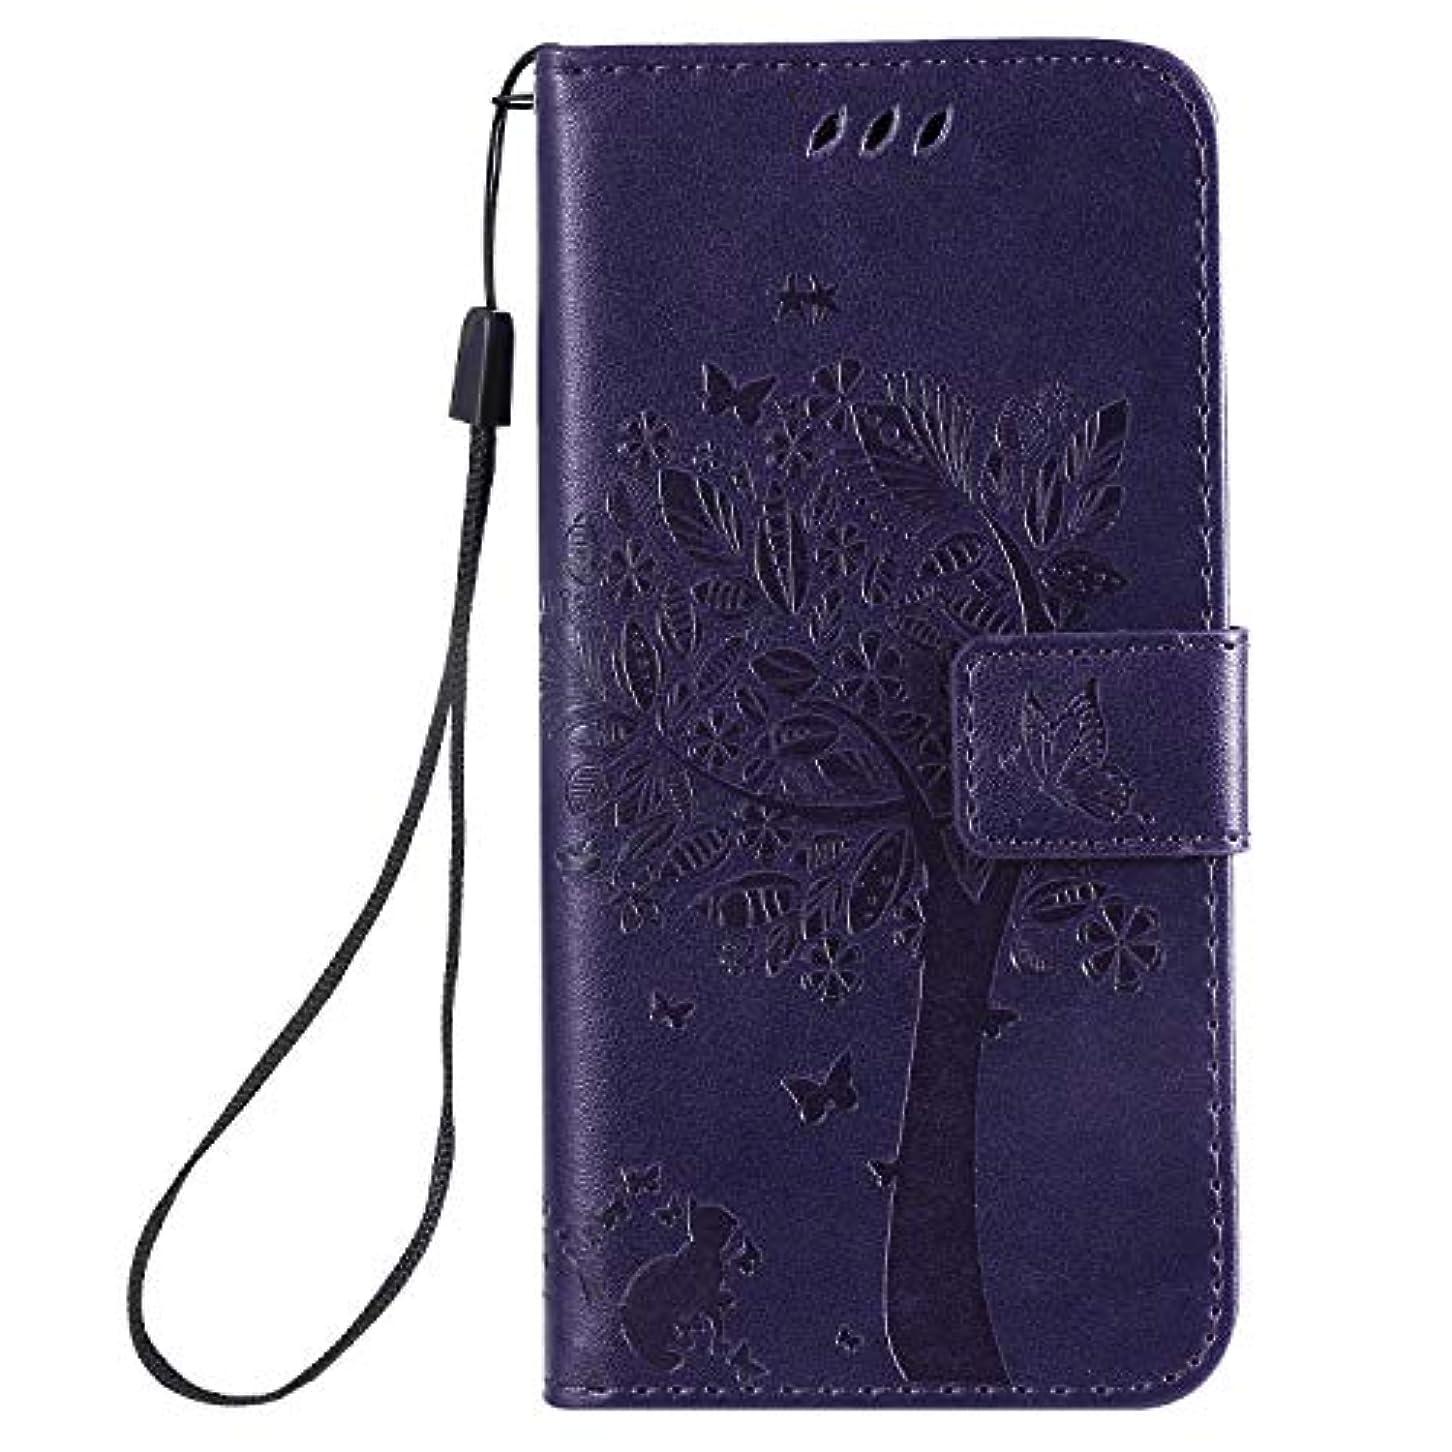 適応する母音ブレーキ手帳型 携帯ケース 対応 サムスン ギャラクシー Samsung Galaxy A50 本革 カバー収納 財布 手帳型ケース レザーケース